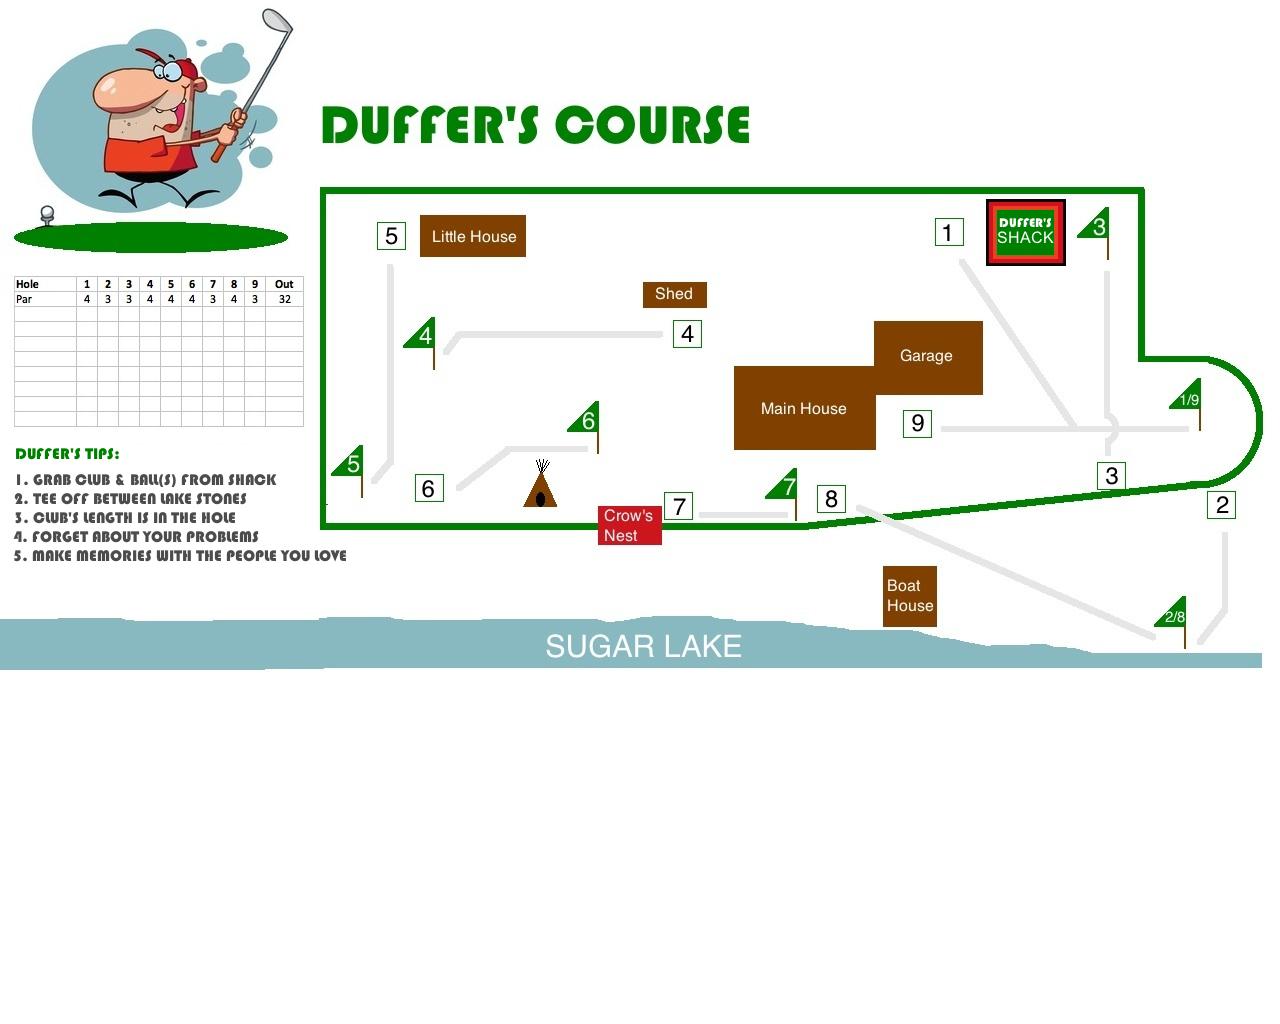 DuffersScorecardDETAIL.jpg